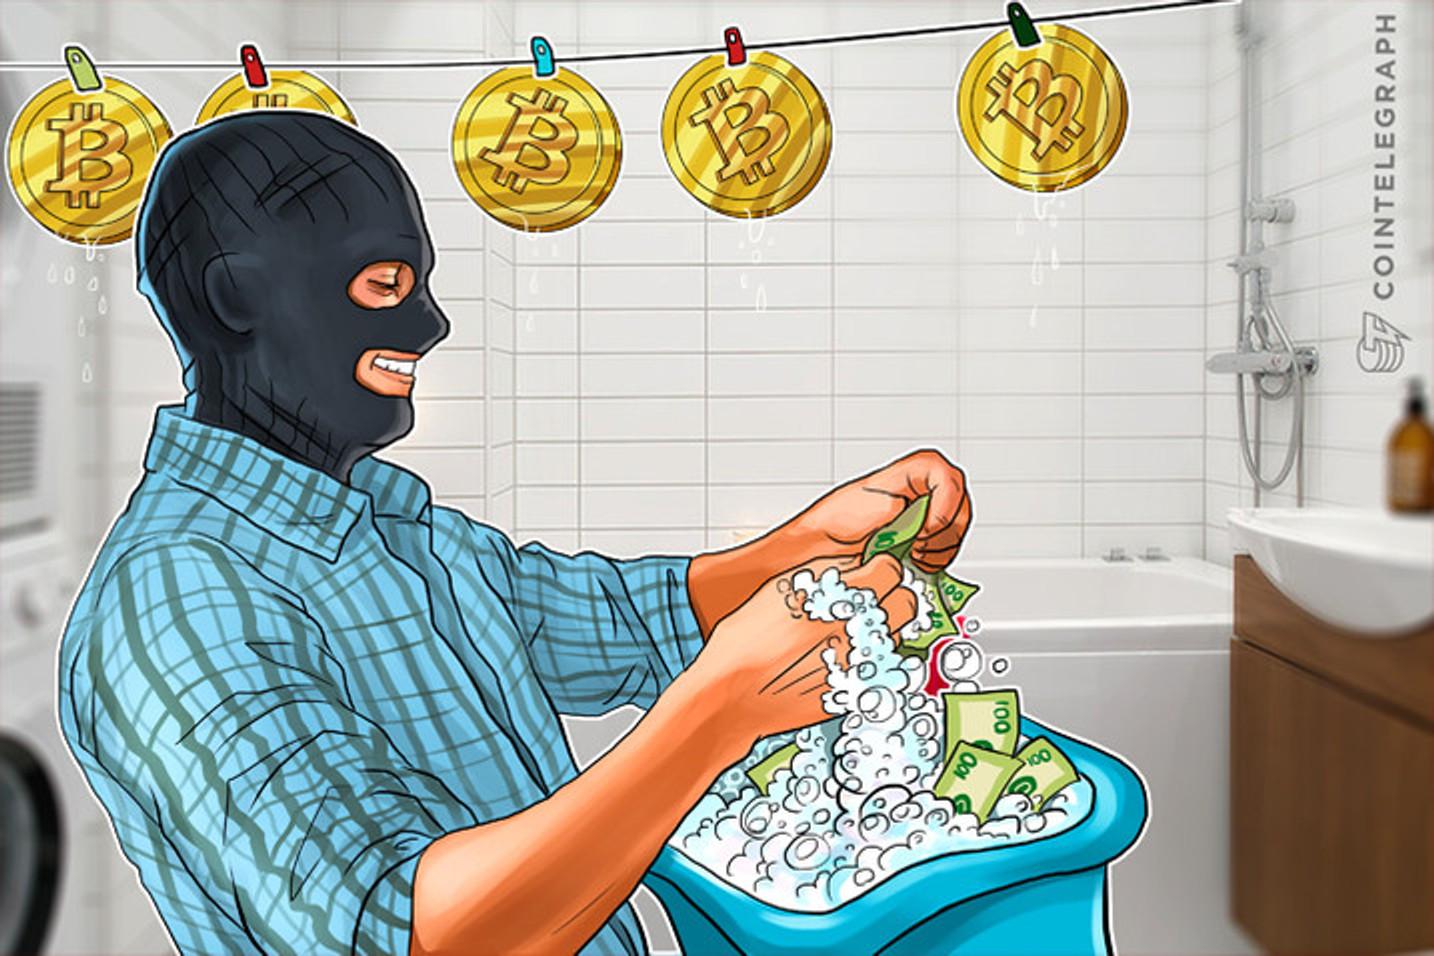 Ex-prefeito da cidade de Carmo (RJ) é acusado de lavar dinheiro de corrupção com criptomoedas e enterrar propinas